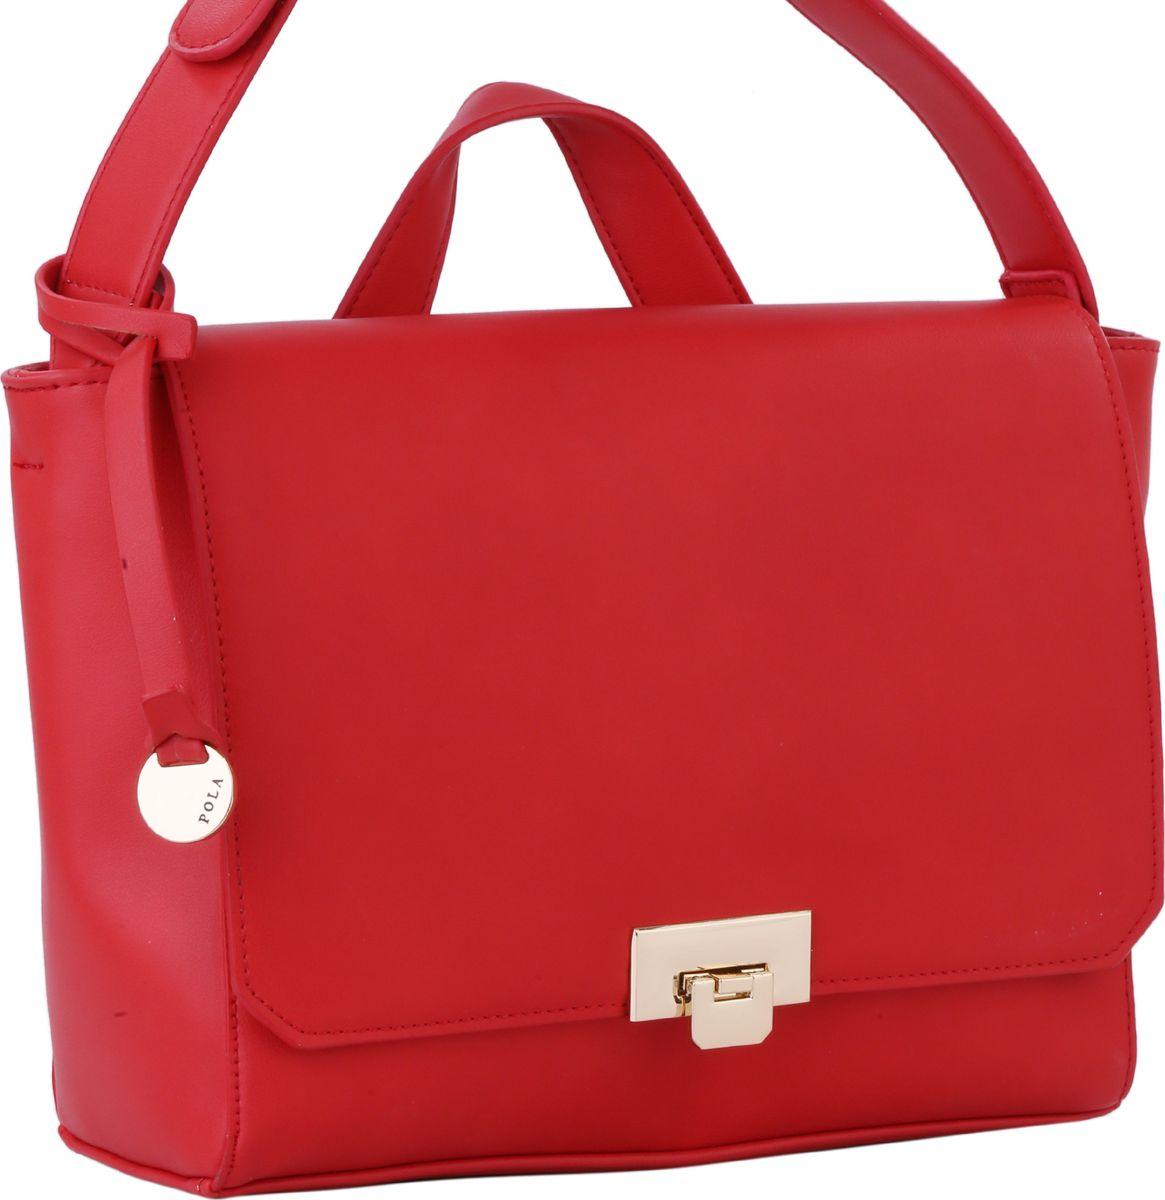 Сумка женская Pola, цвет: красный. 6444171069с-2Женская сумка Pola выполнена из качественной экокожи. Основное отделение закрывается клапаном на металлический замок и застегивается на молнию. Внутри два маленьких открытых кармана и небольшой карман на молнии. Сзади сумки расположен вшитый карман на молнии. Плечевой ремень несъемный, регулируемый по длине, максимальная высота 56 см. Имеется короткая ручка для переноски в руке. Цвет фурнитуры - золото.